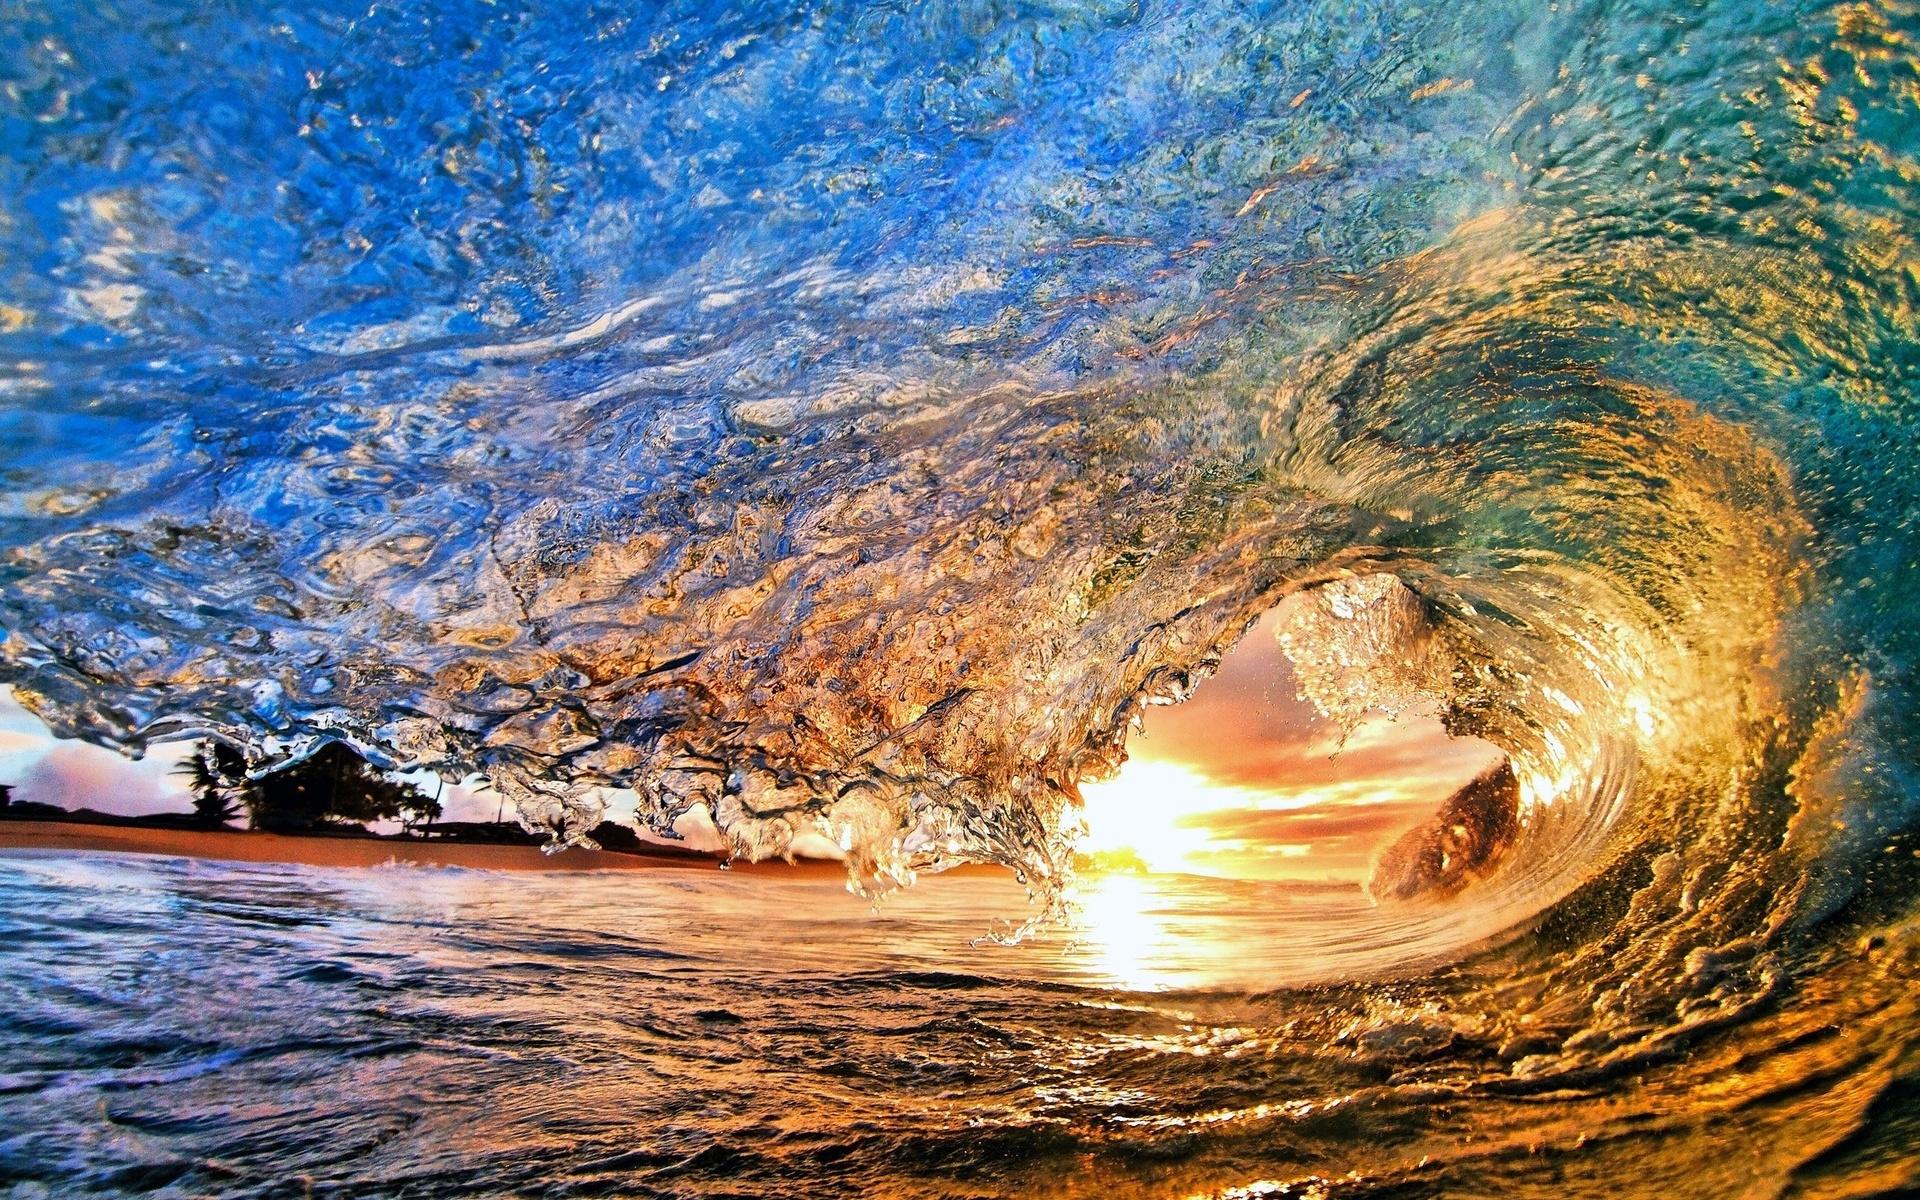 очень красивые картинки океана одно значимое